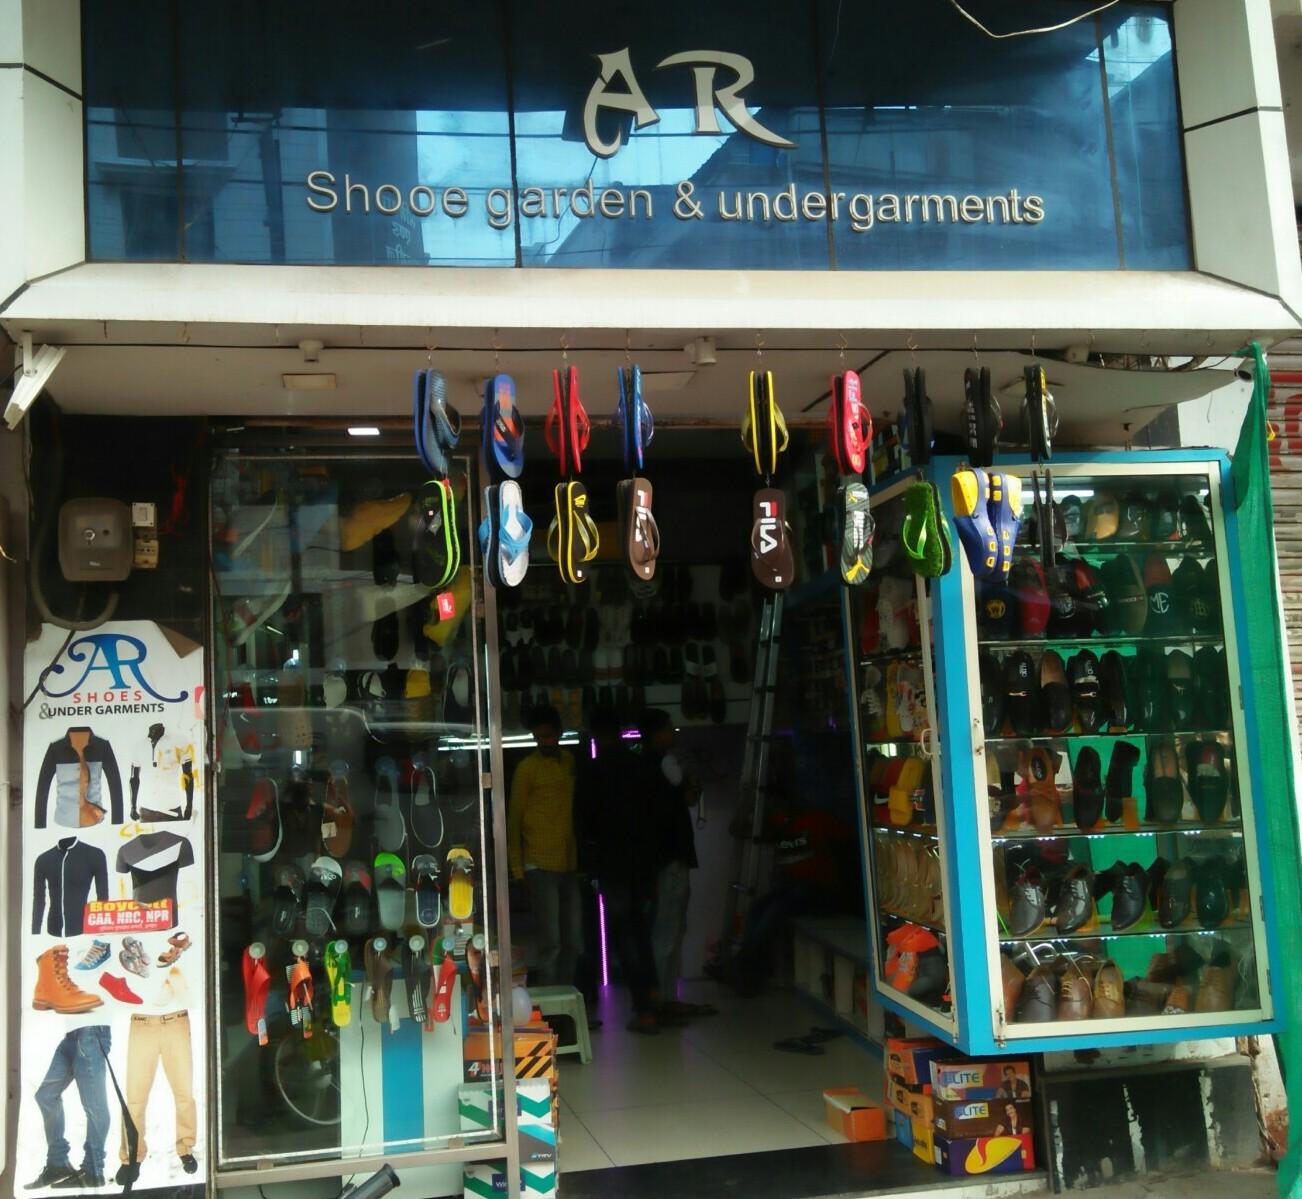 AR shoesh